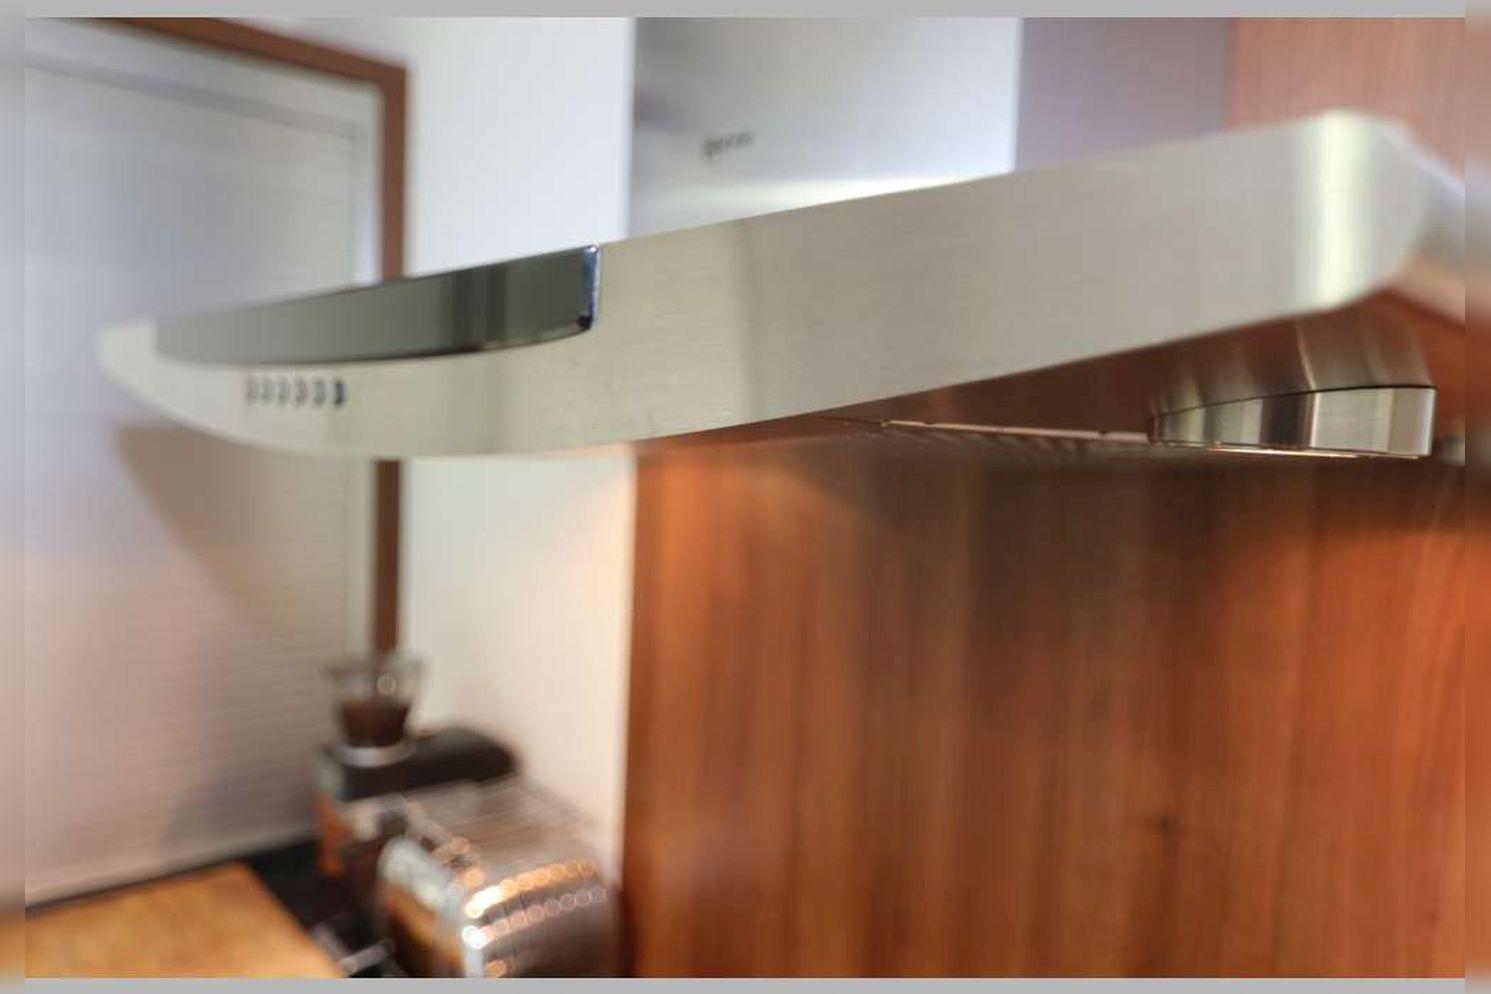 Immobilie Nr.0267 - Doppelhaushälfte mit 4 Zimmern, Küche, Diele, Badzimmer, Gäste-WC, Garten und Garage - nicht unterkellert - Bild 12.jpg